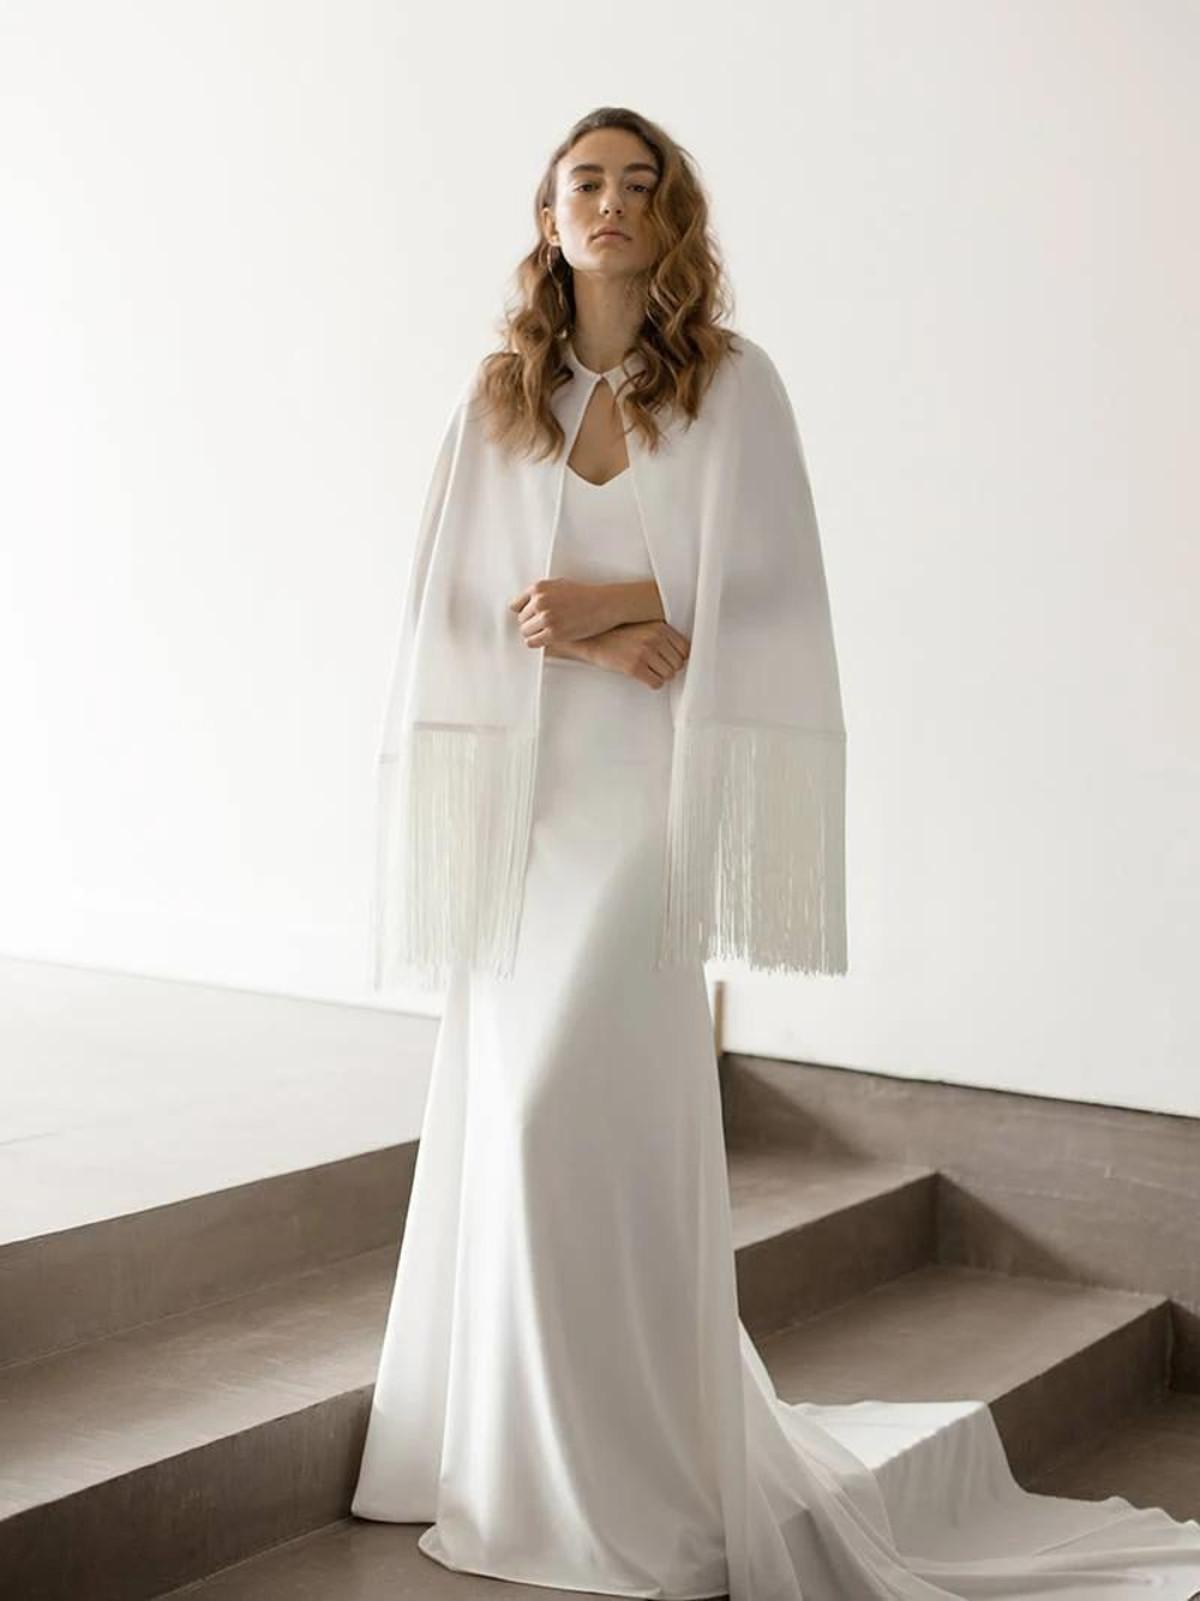 Elara_Stylish Boho-Chic Bridal Cape with Fringes